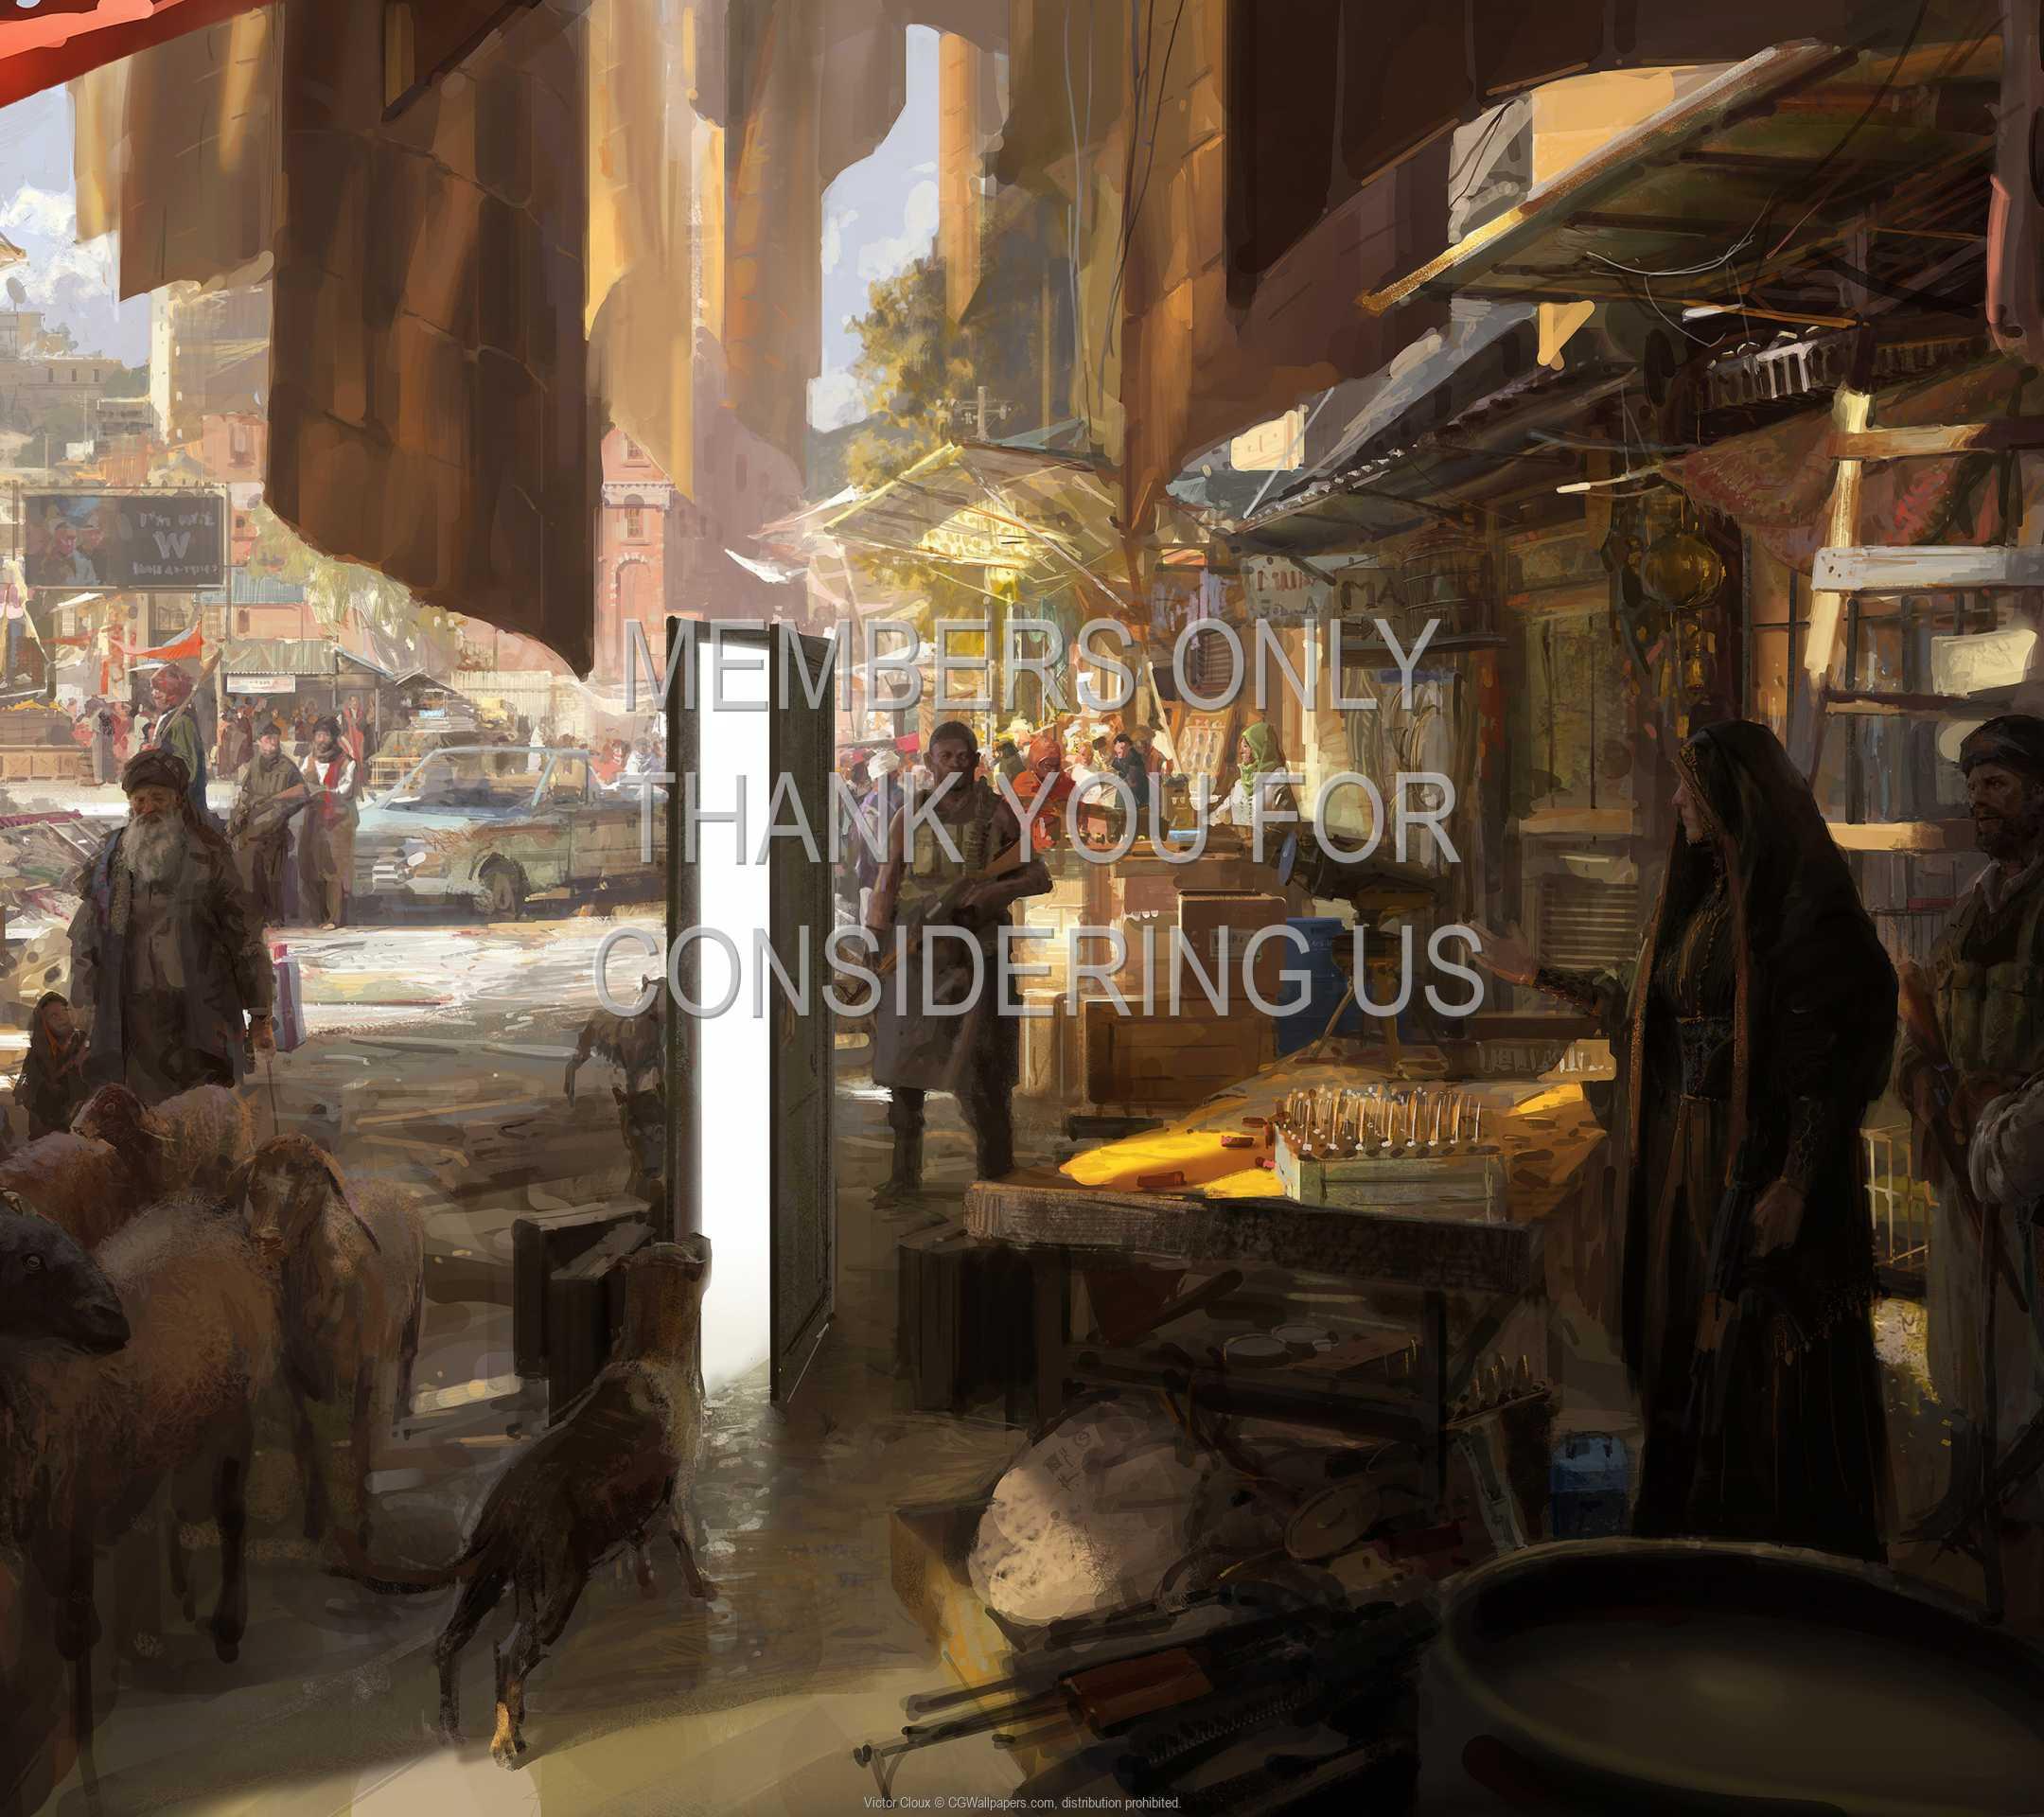 Victor Cloux 1080p Horizontal Mobiele achtergrond 02